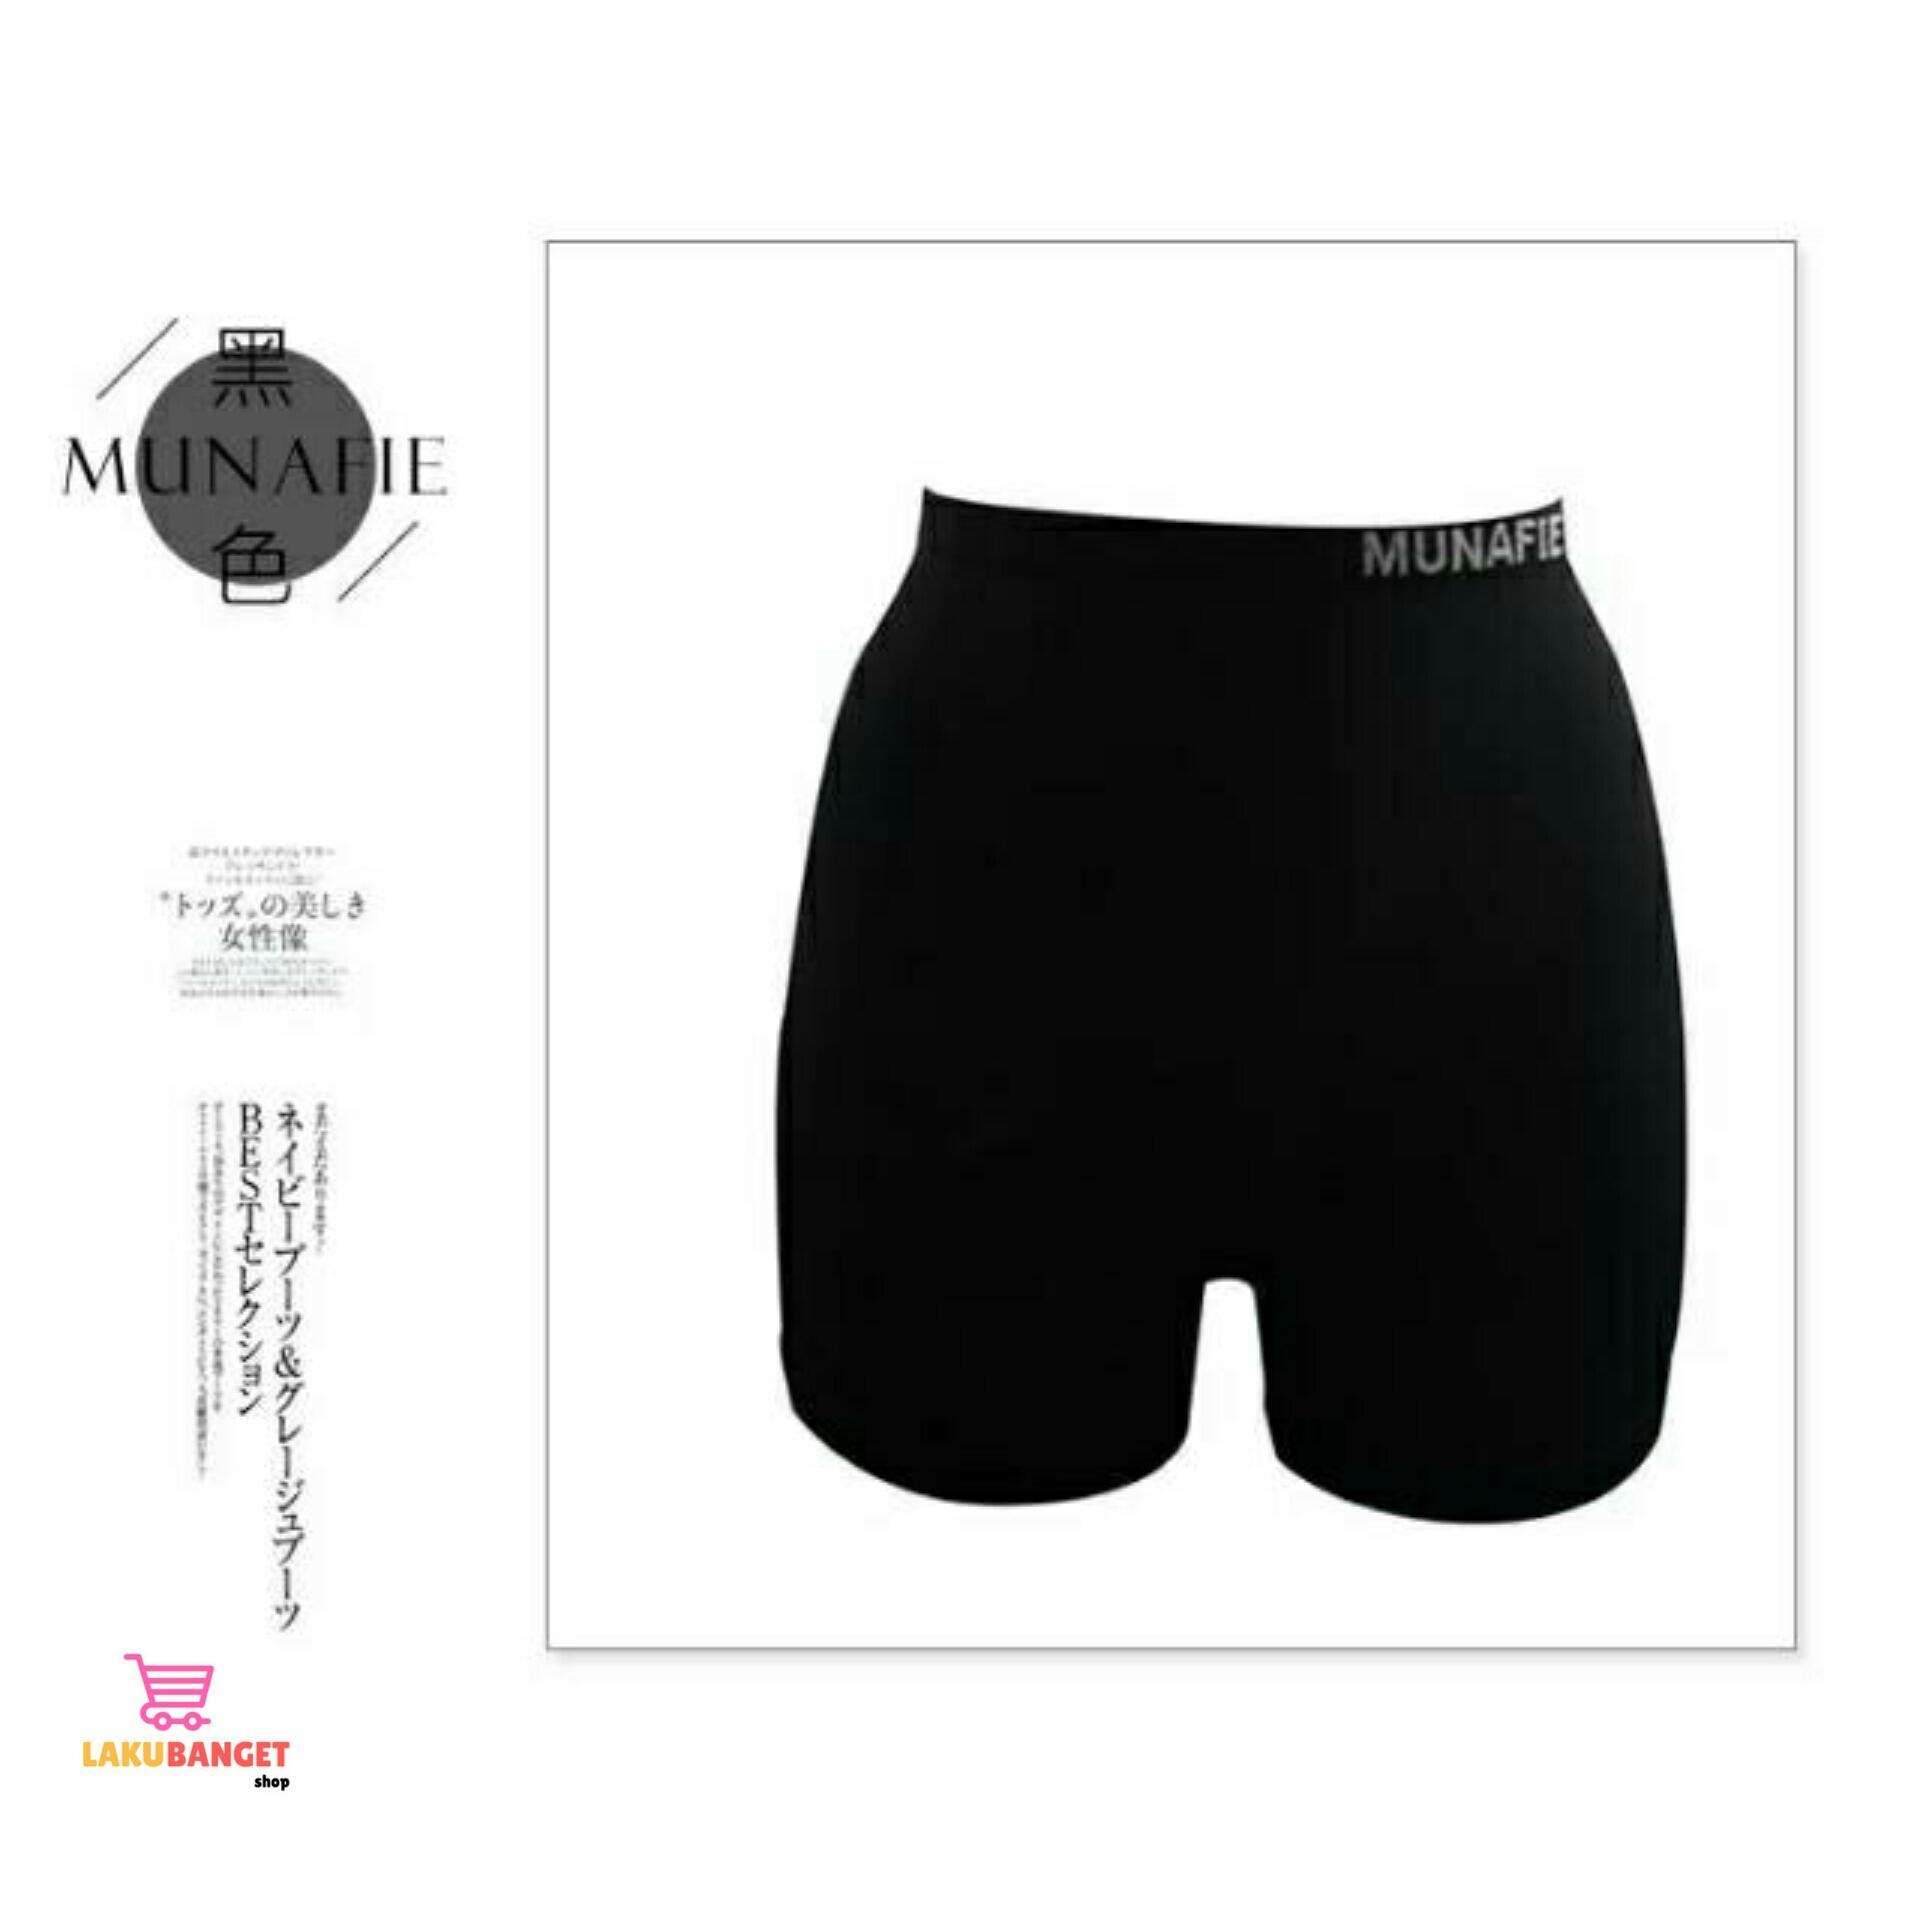 Spesifikasi Lakubanget Munafie Korset Celana Slimming Body Shape Premium Online